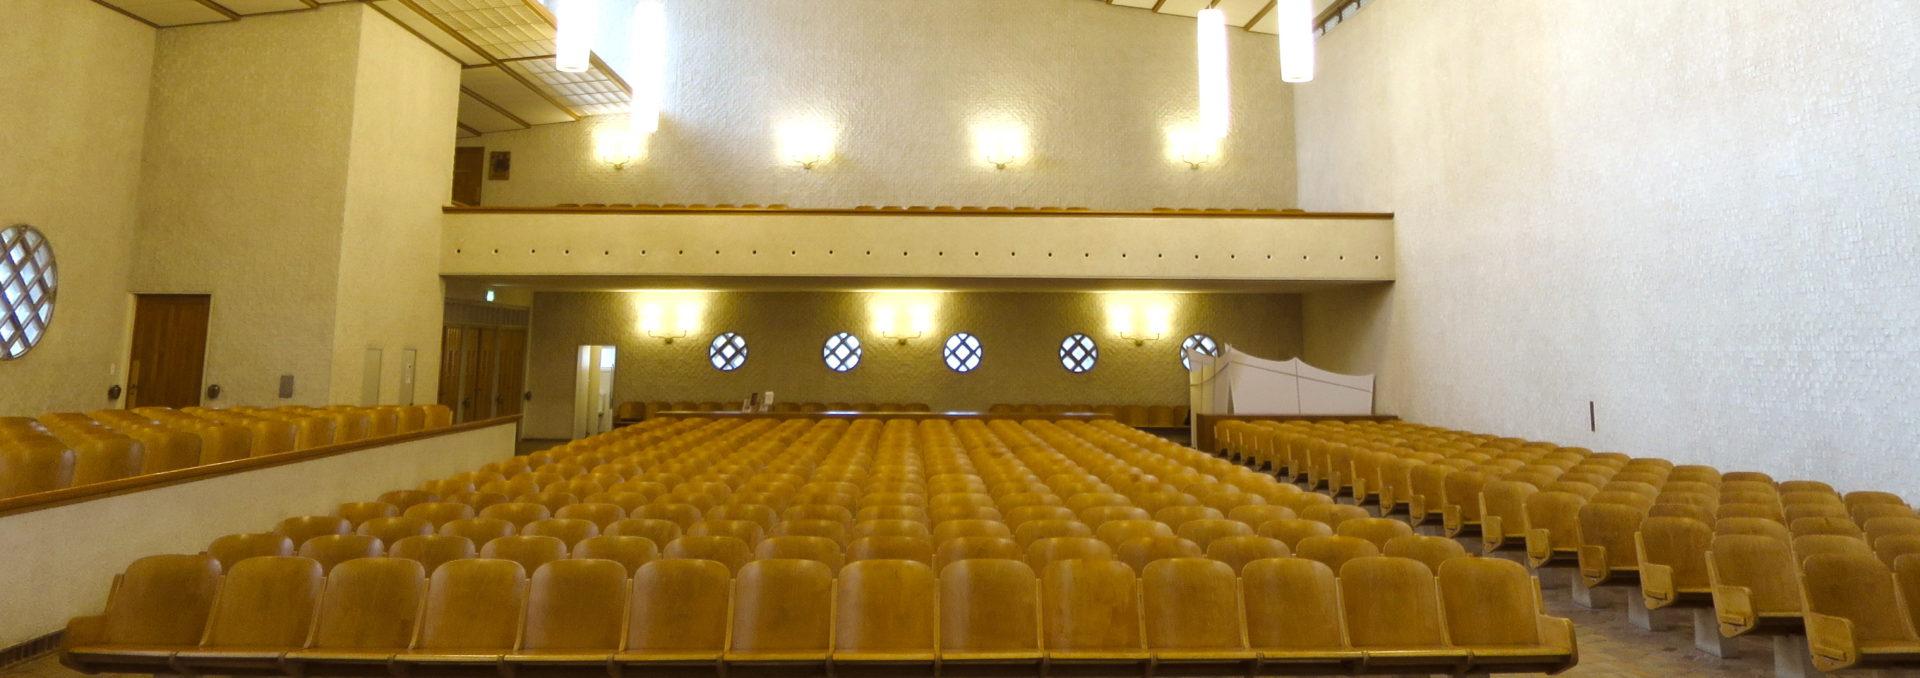 WESTSPIELE Konzerte Zürich